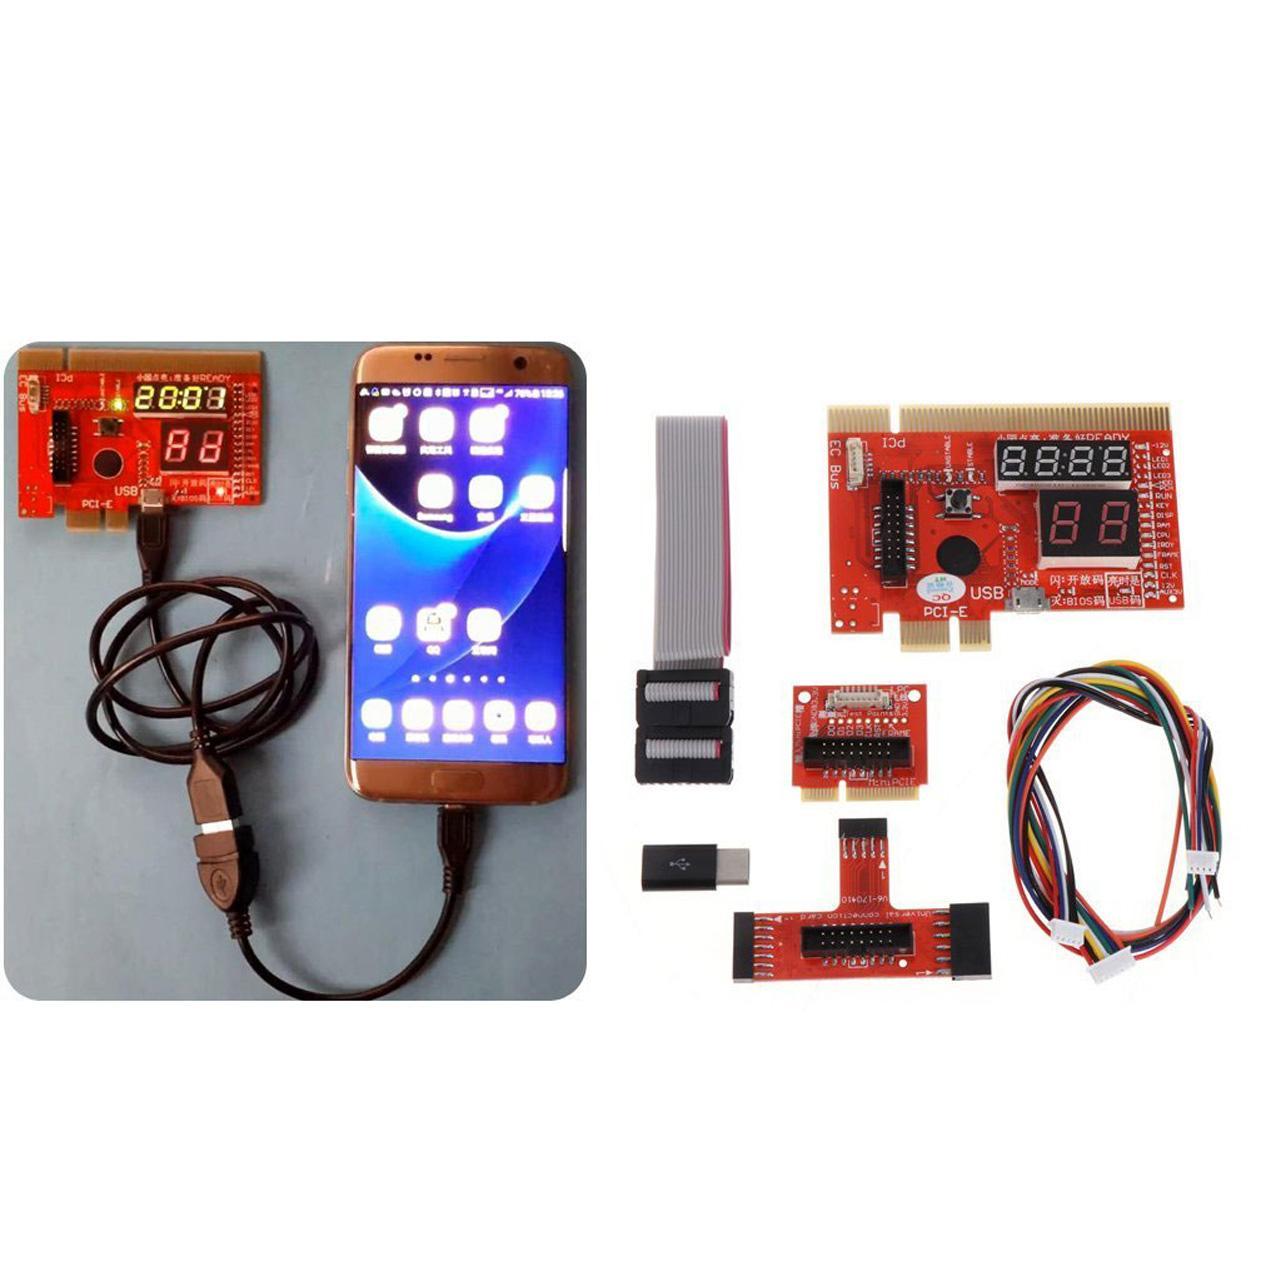 عیب یاب مادربرد لپ تاپ و PC و گوشی اندروید مدل KQCPET6-V6.0 از نوع Type-B